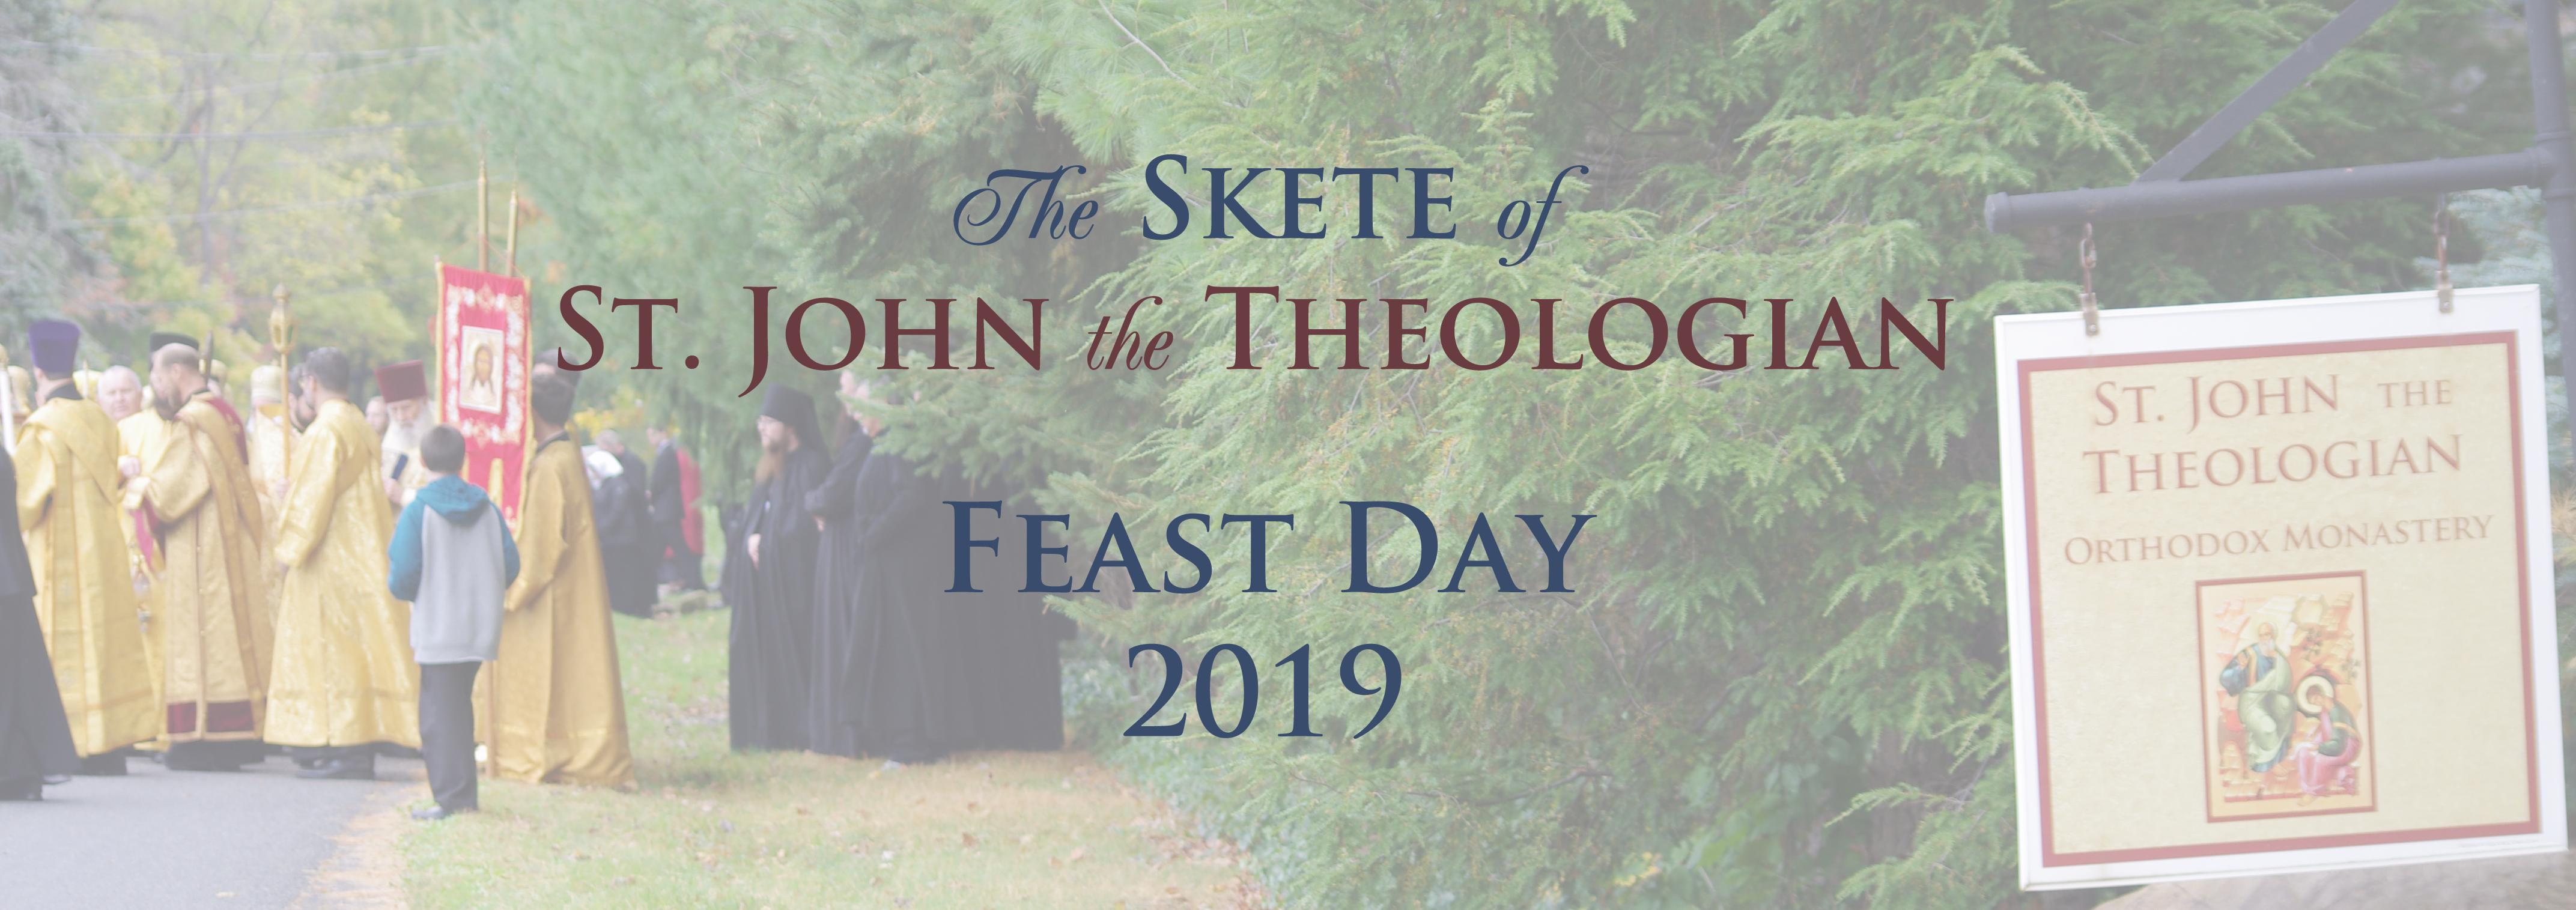 feast-day-banner-for-website-2019.jpg